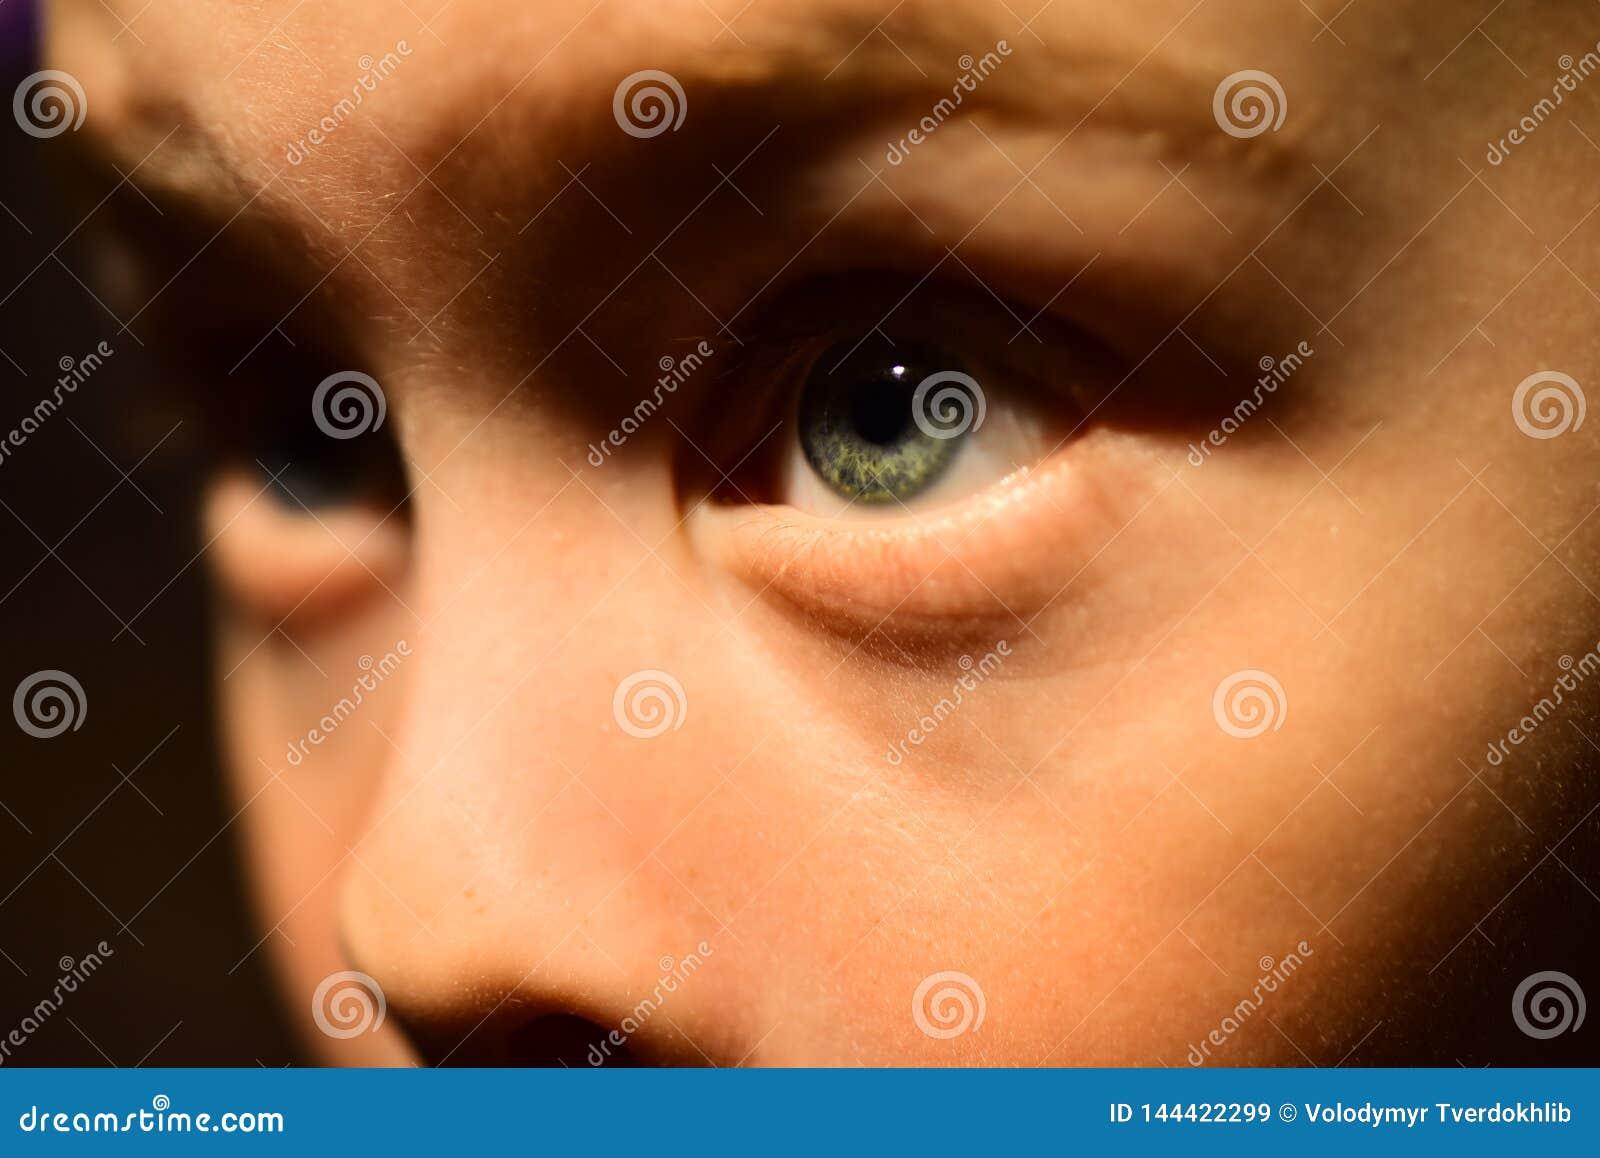 Jag har mycket fattig synförmåga Pys med fattig ögonhälsa Liten pojke i kontaktlins Barndomhälsa synförmåga